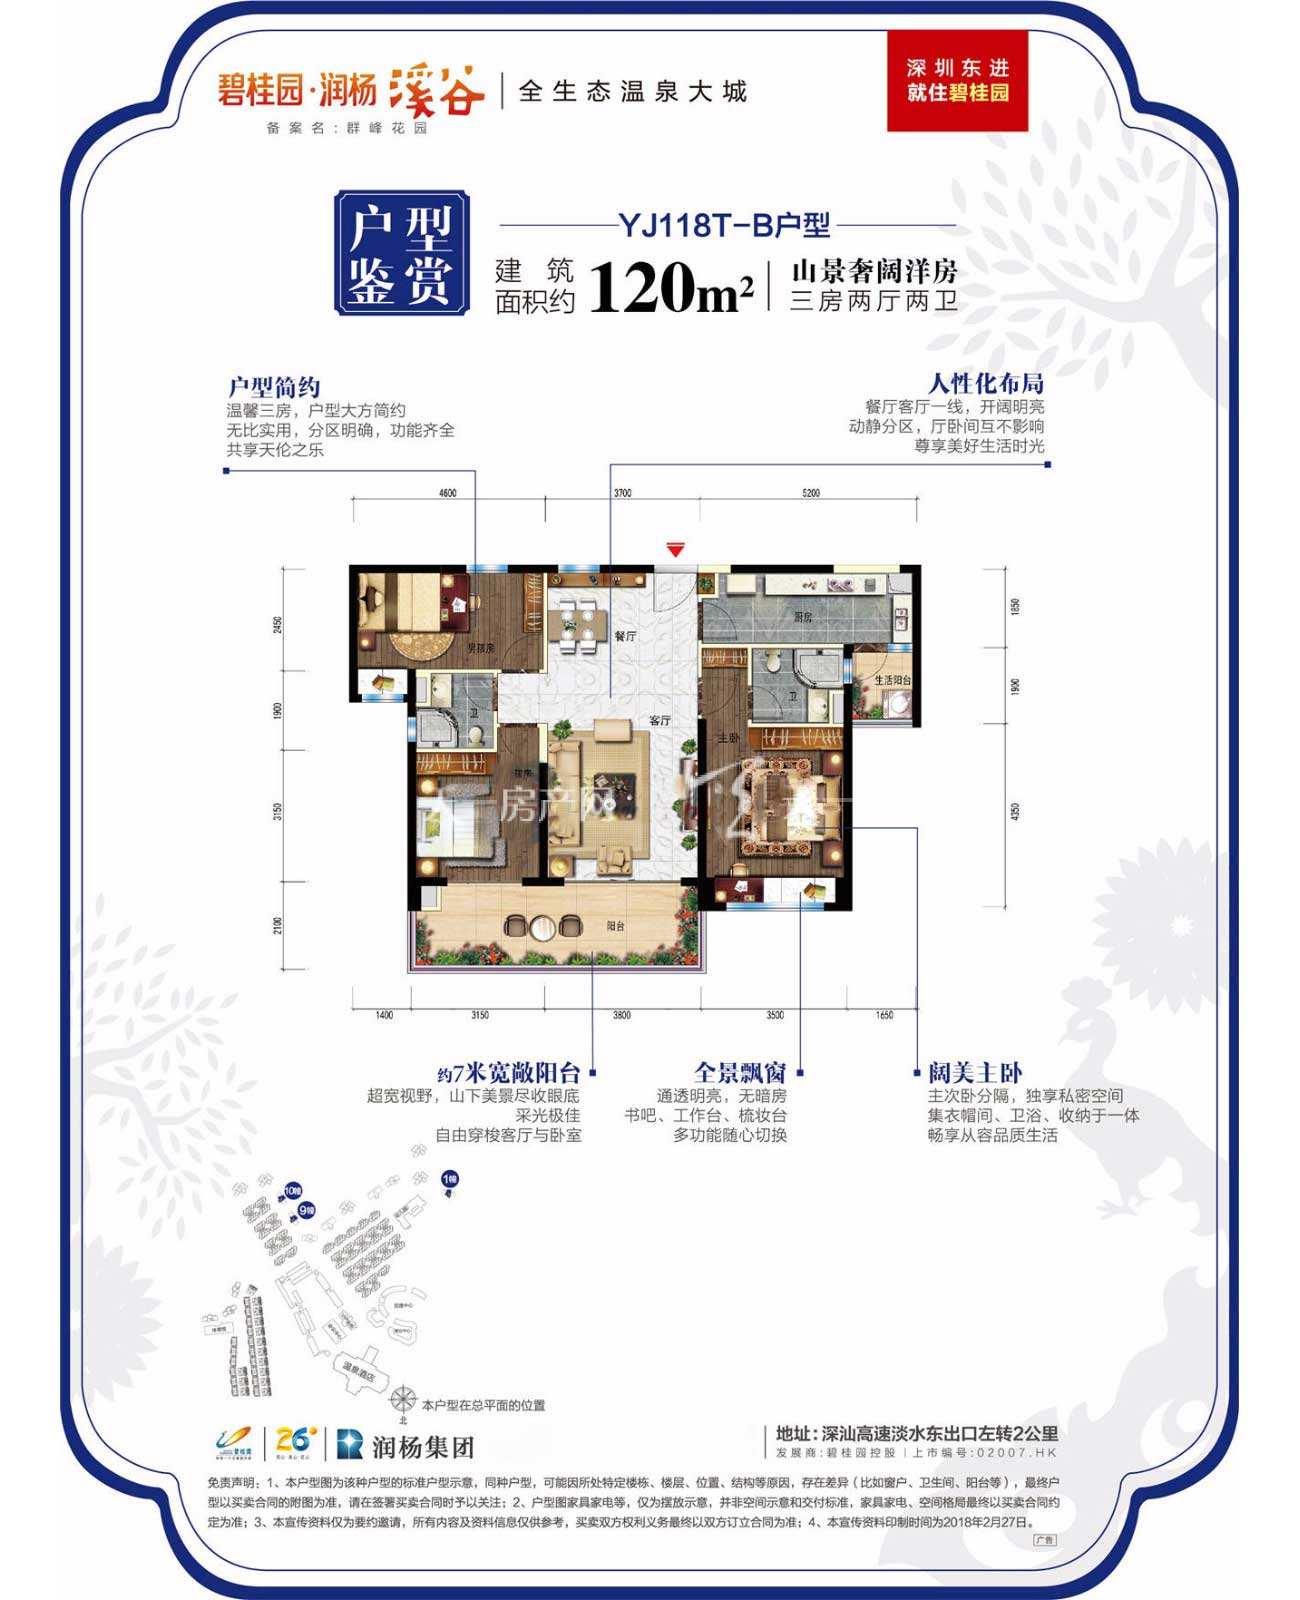 碧桂园润杨溪谷山景奢阔洋房B户型-三房建筑面积120㎡.jpg